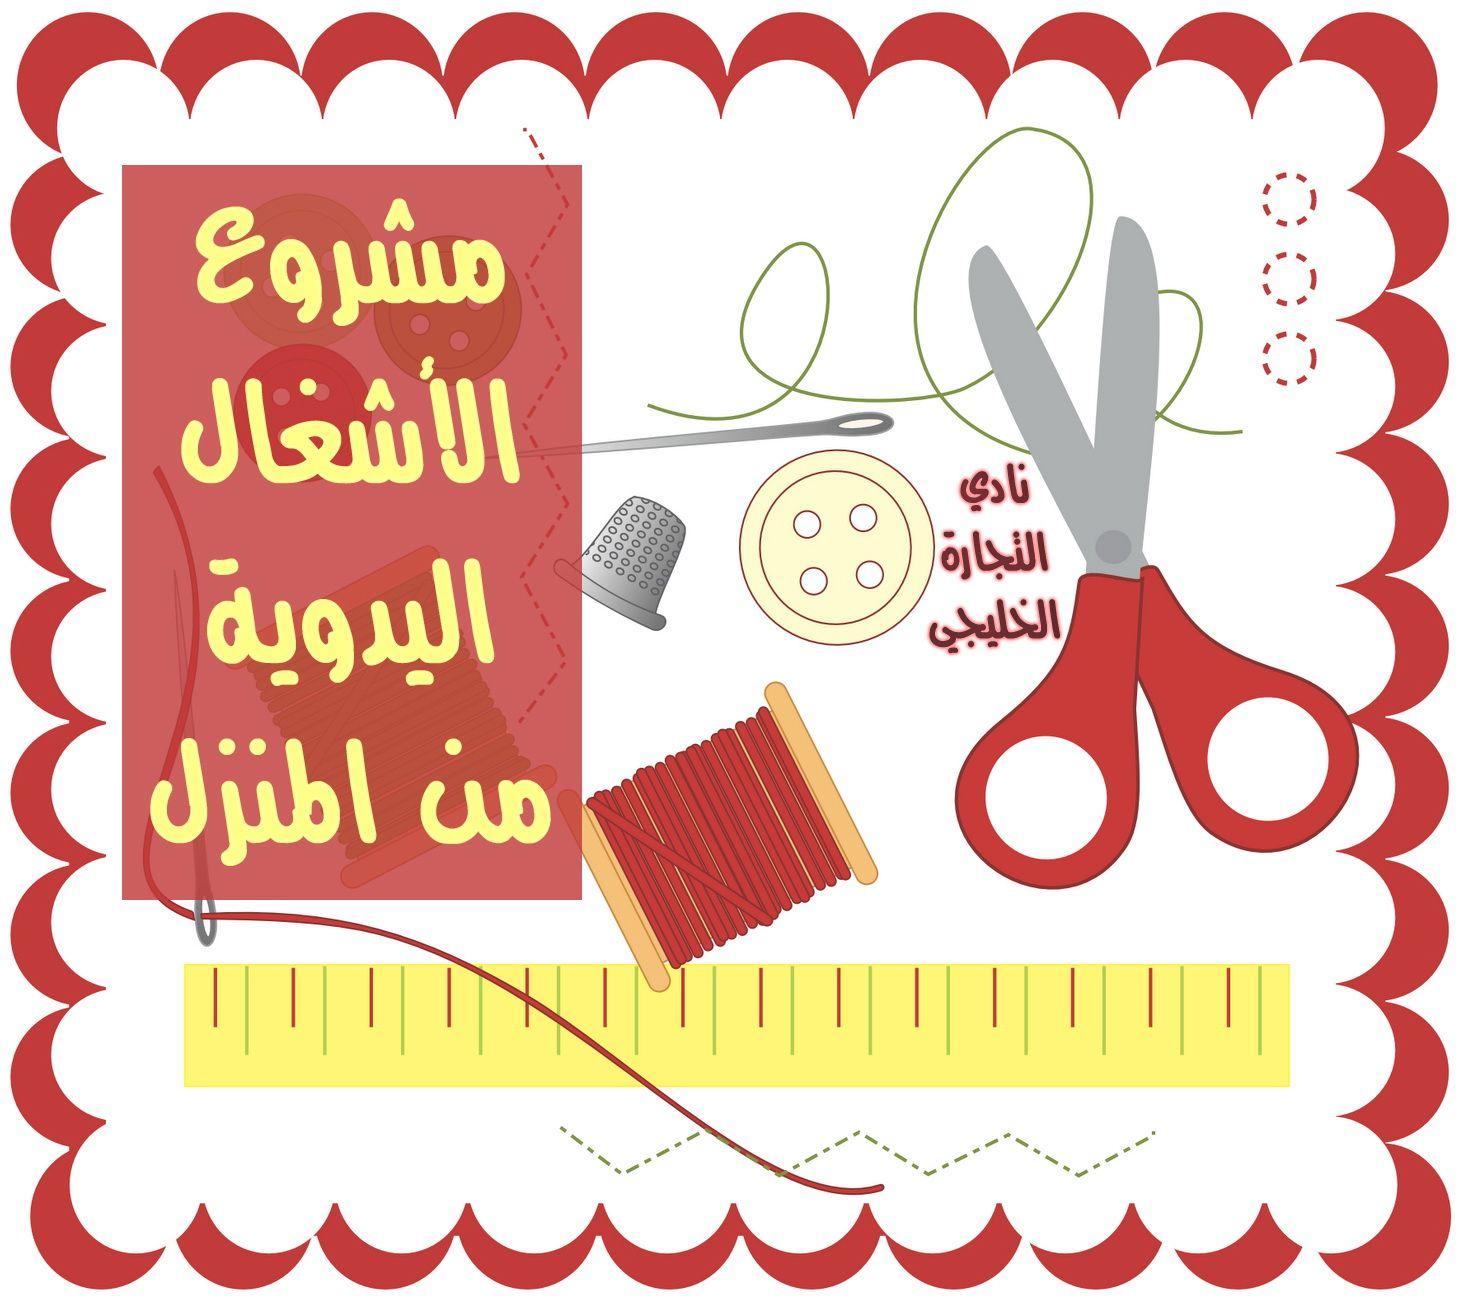 مشاريع نسائية 4 أفكار مشاريع نسائية من المنزل وتفاصيل كل مشروع Working From Home Letters Symbols